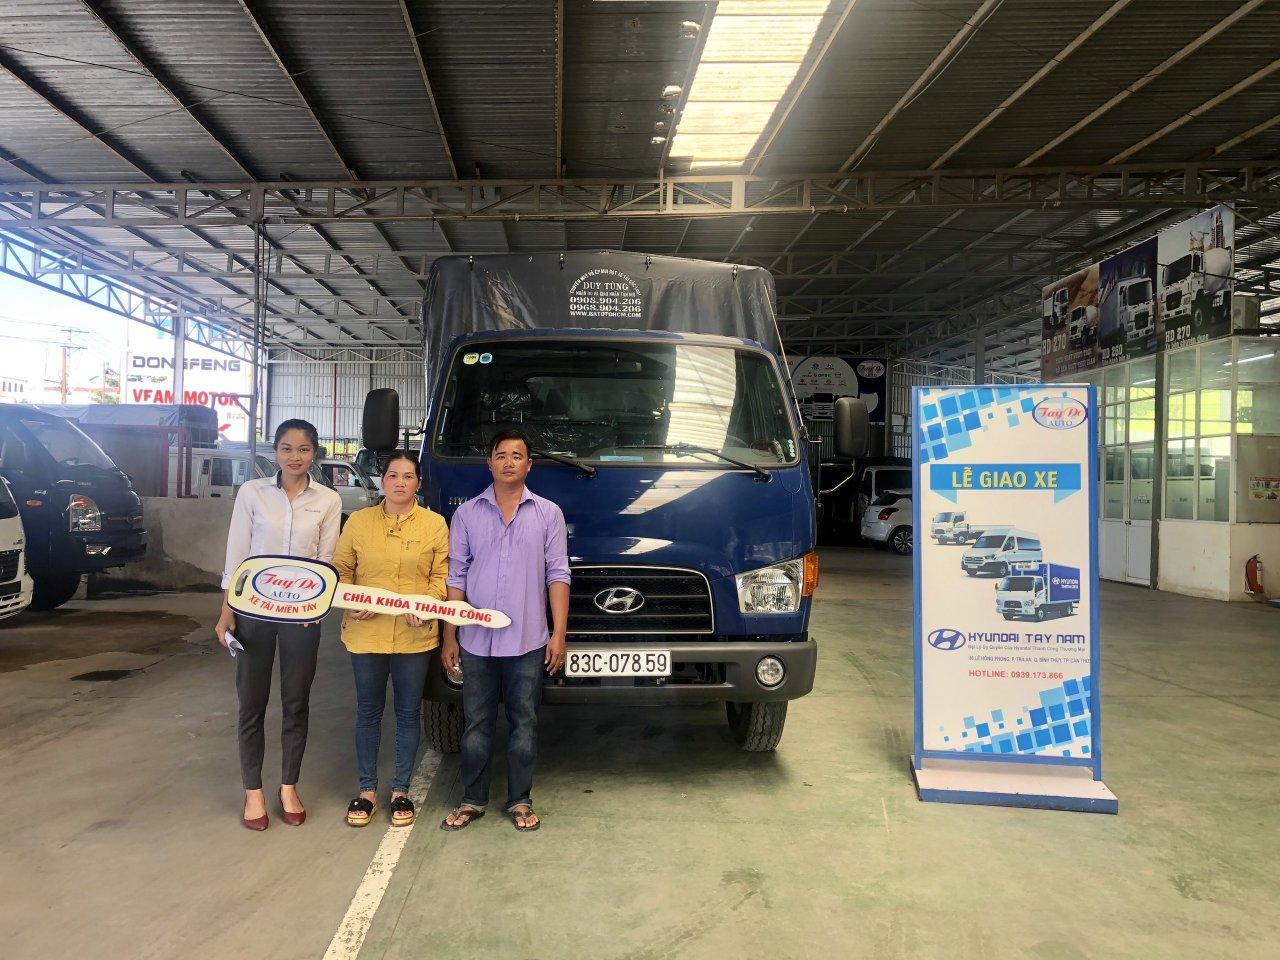 chị Thúy ở Đồng Tháp với nhu cầu mua xe tải mui bạc đã quyết định chọn mua xe tải Hyundai tại Đại Lý Hyundai Miền Nam.